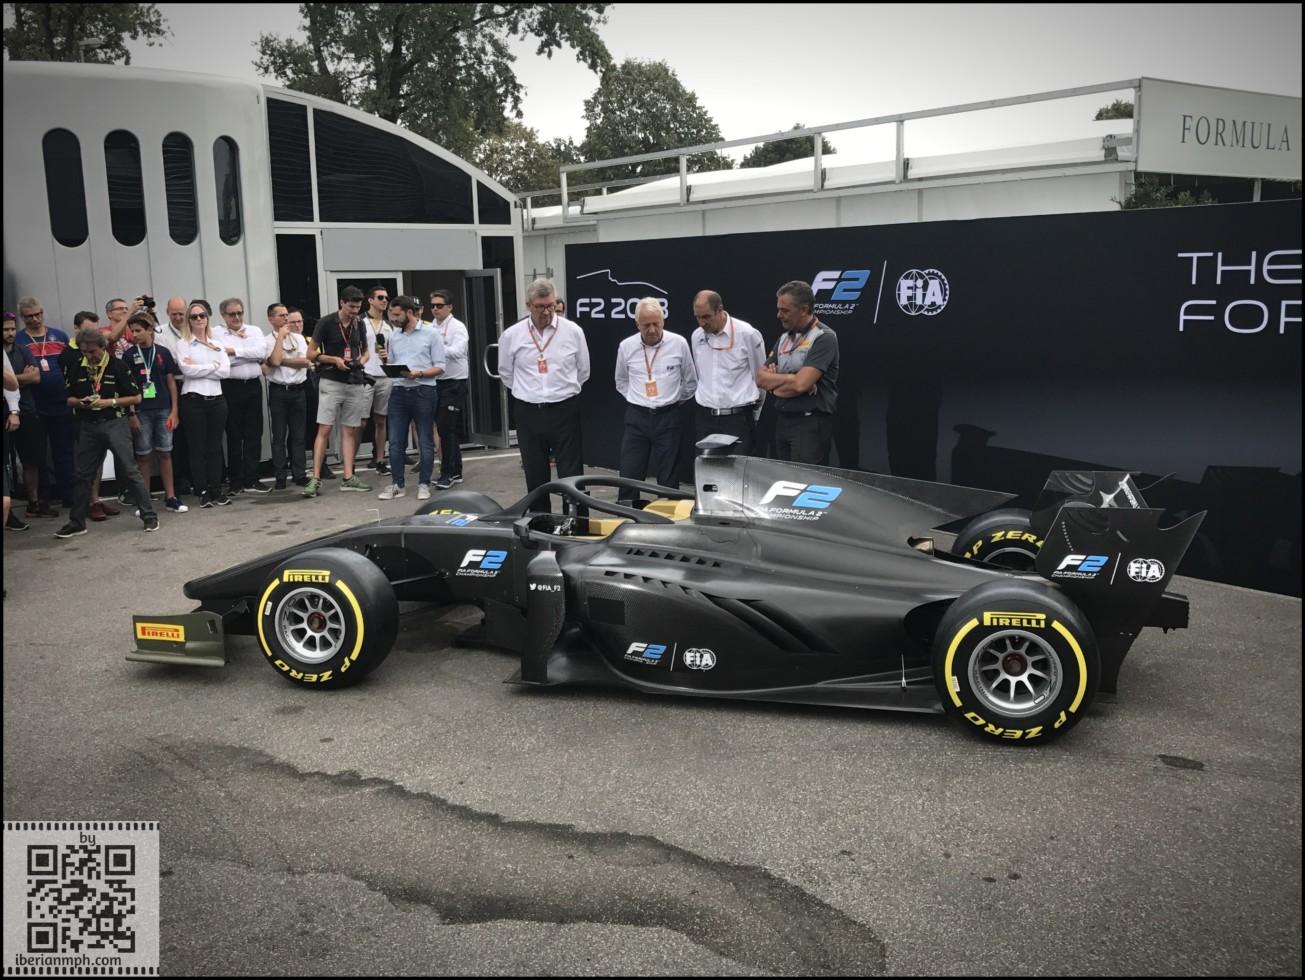 FIA F2 2018 Car Launch Monza (8)